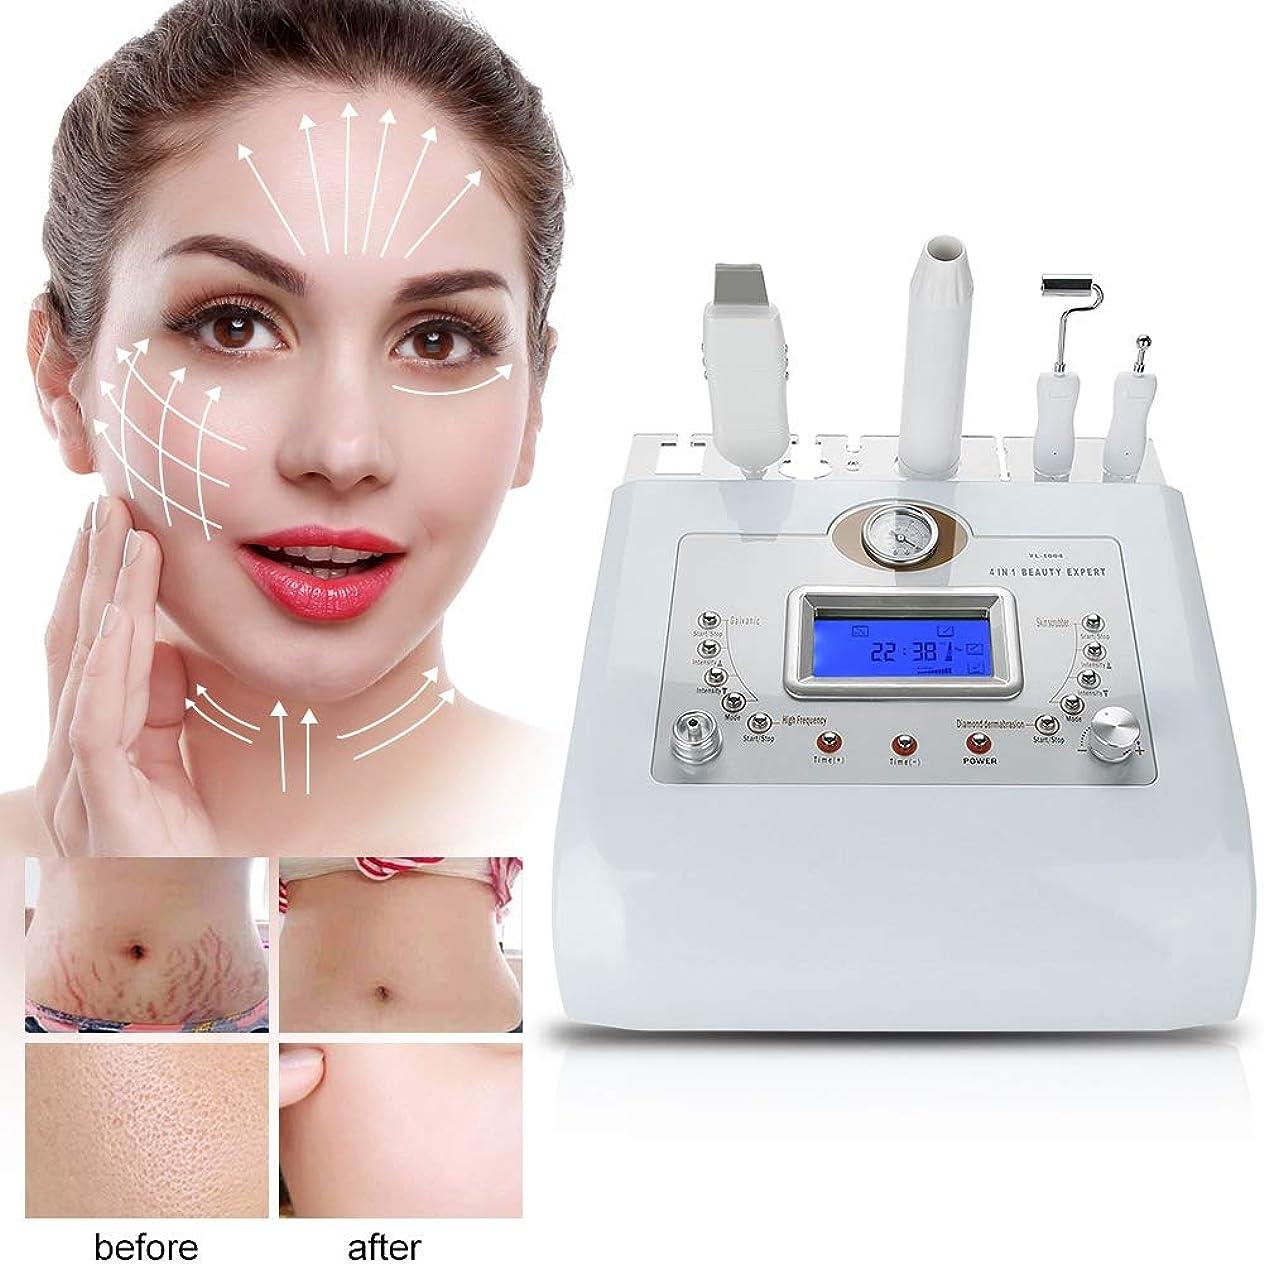 あいまいな系統的木曜日4-in-1ダイヤモンド皮膚剥離美容機、SPA用美容室用機器トナー、RF +超音波+スキンスクラバー+ EMS電気治療 (白)